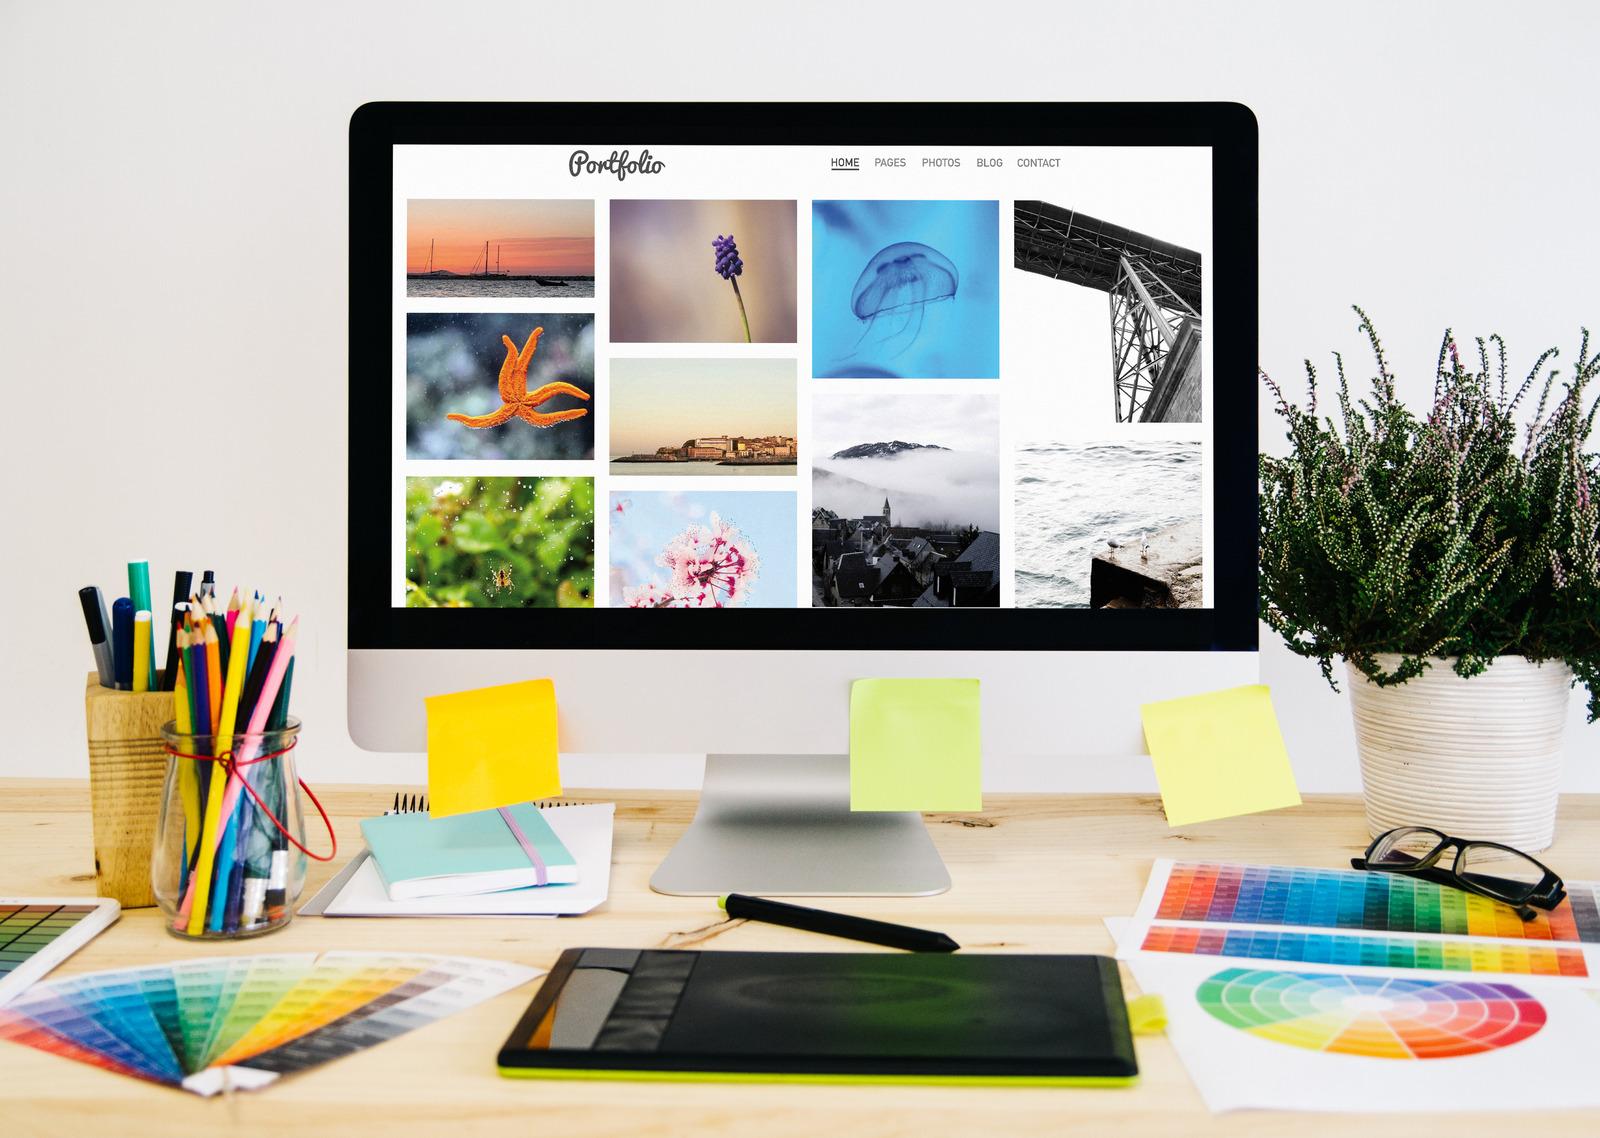 digital marketing digital marketing plan digital plan portfolio